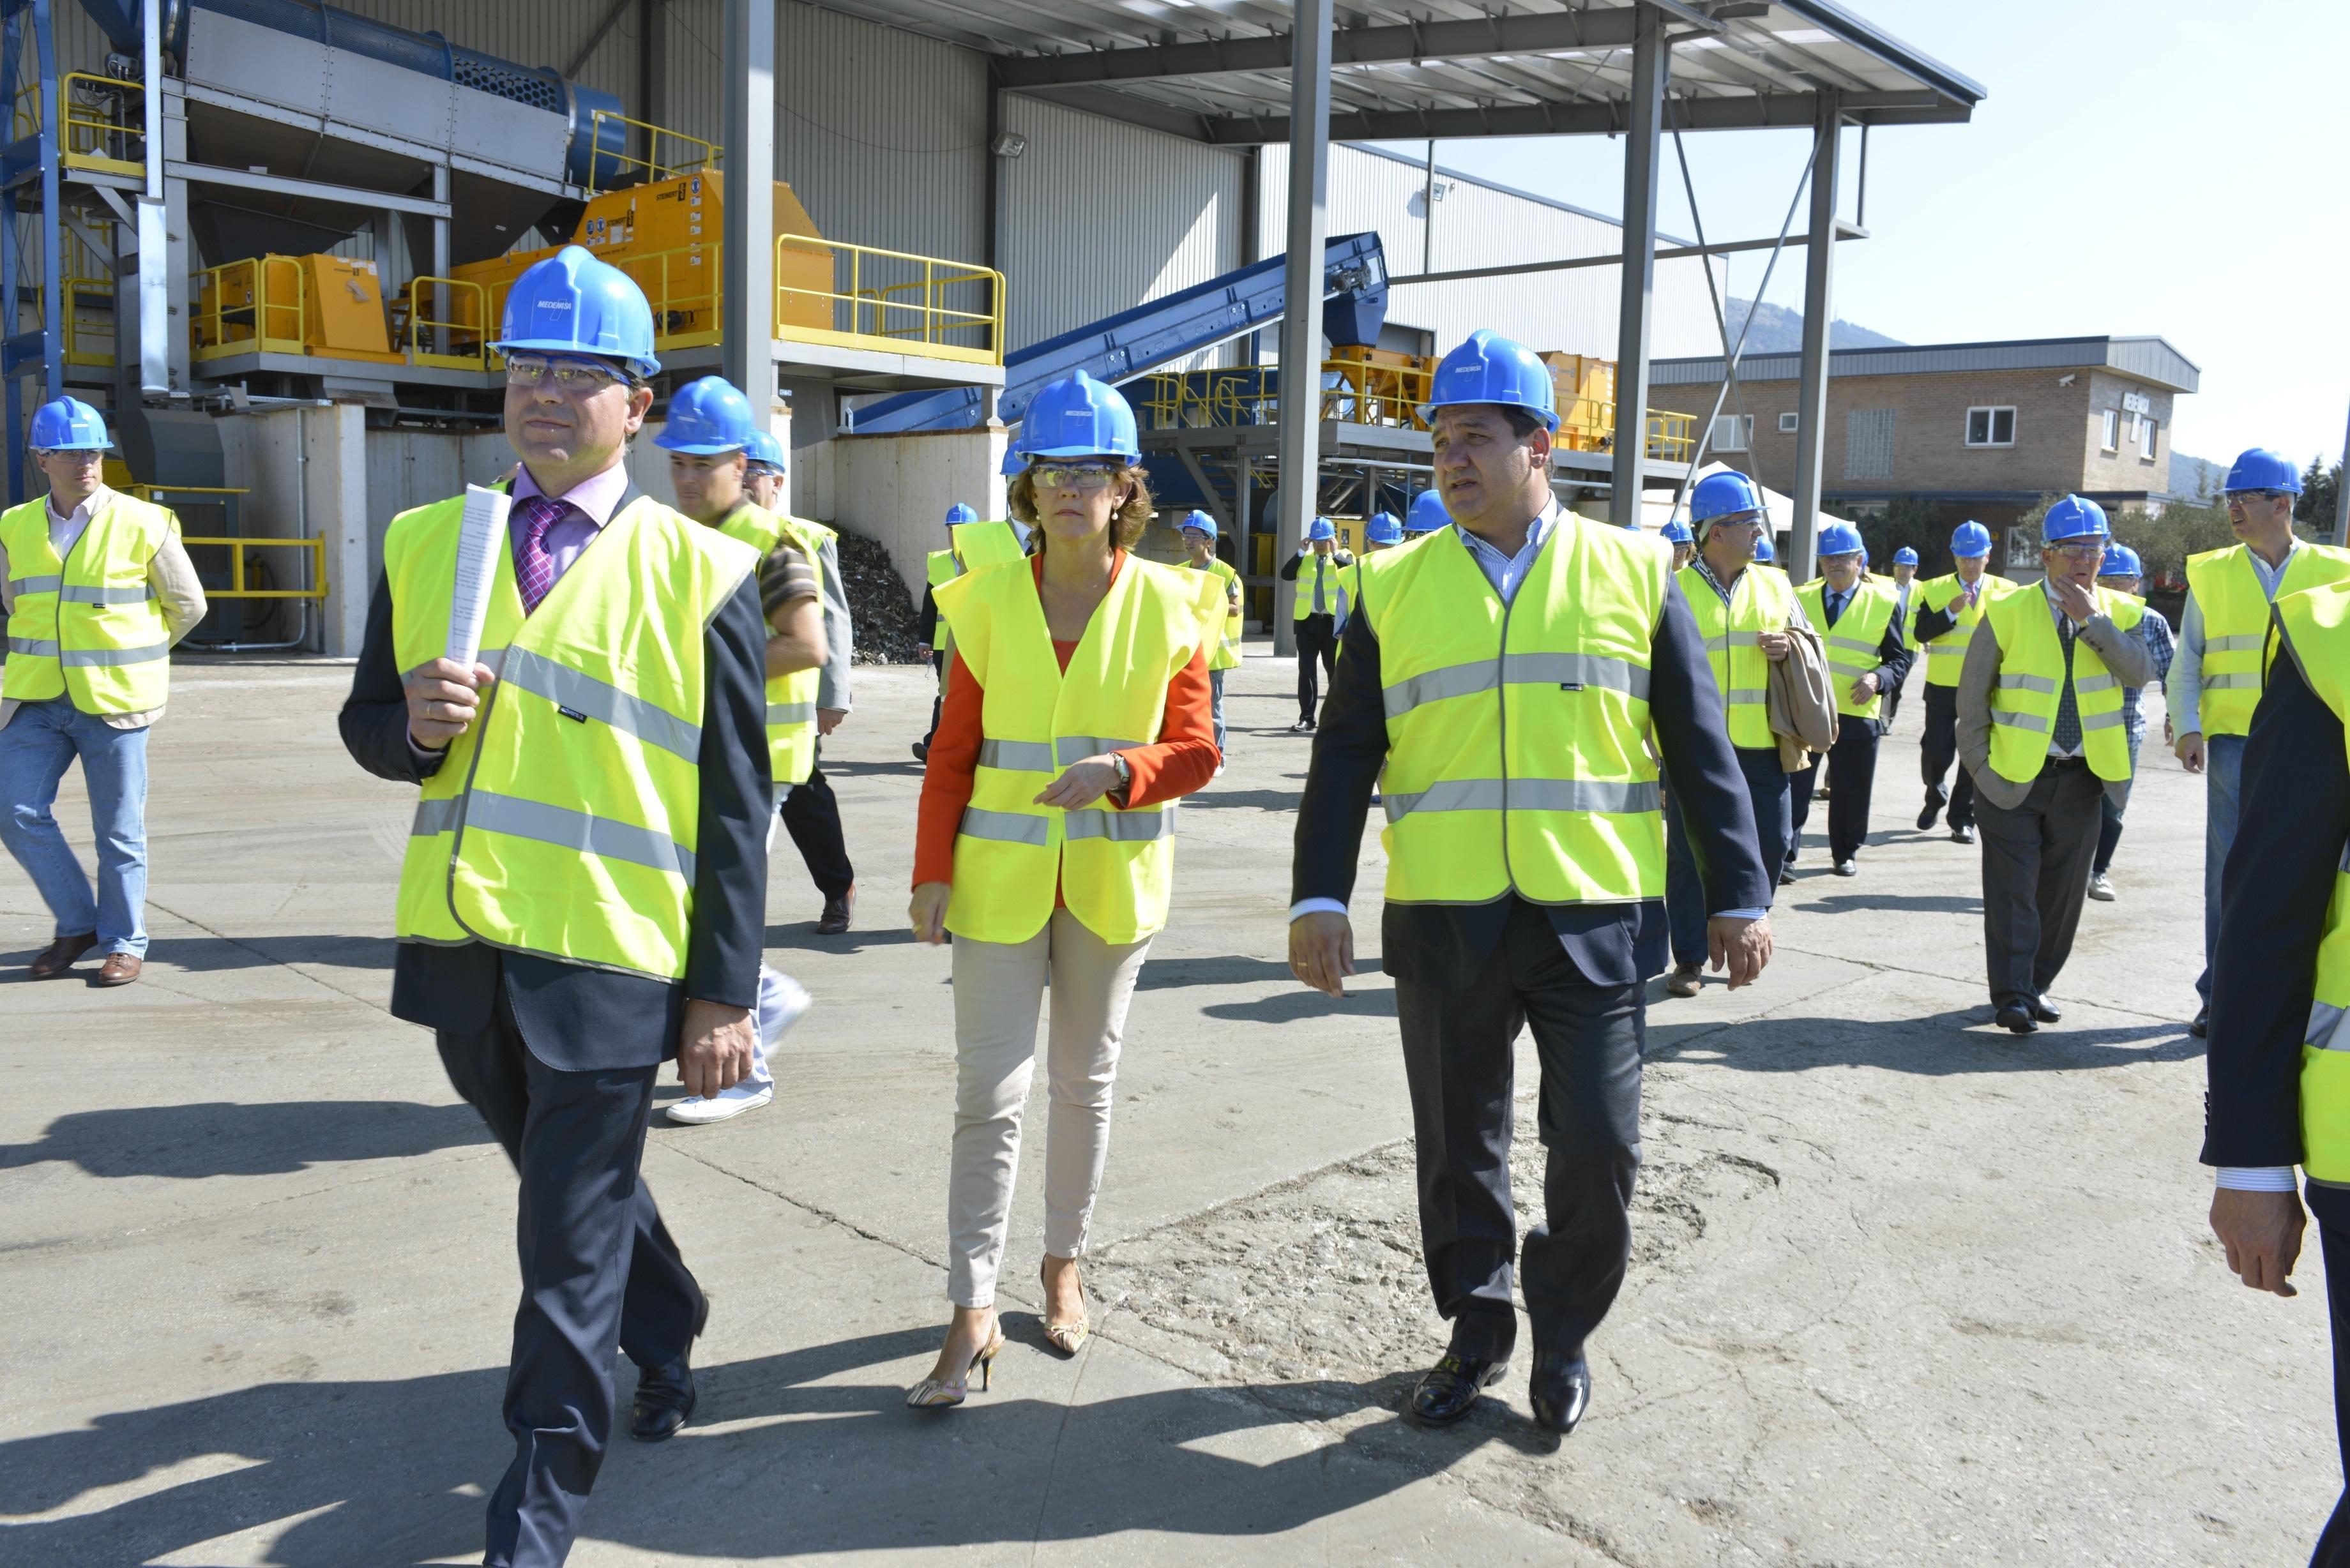 La empresa Medenasa, dedicada a la gestión de residuos industriales, invierte 6 millones en nueva maquinaria